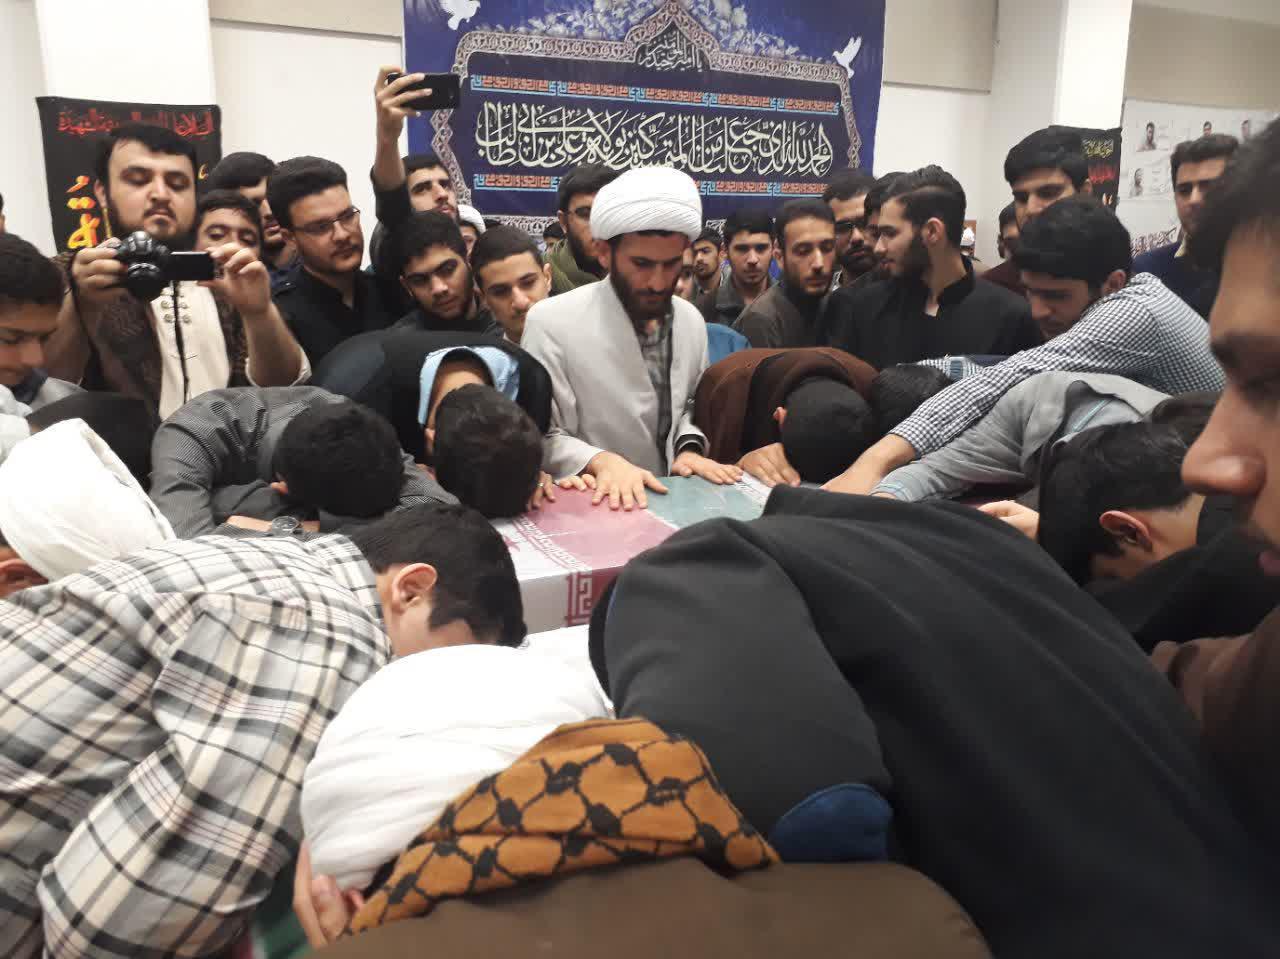 تصاویر/ تشییع دو شهید گمنام در حوزه علمیه رشت